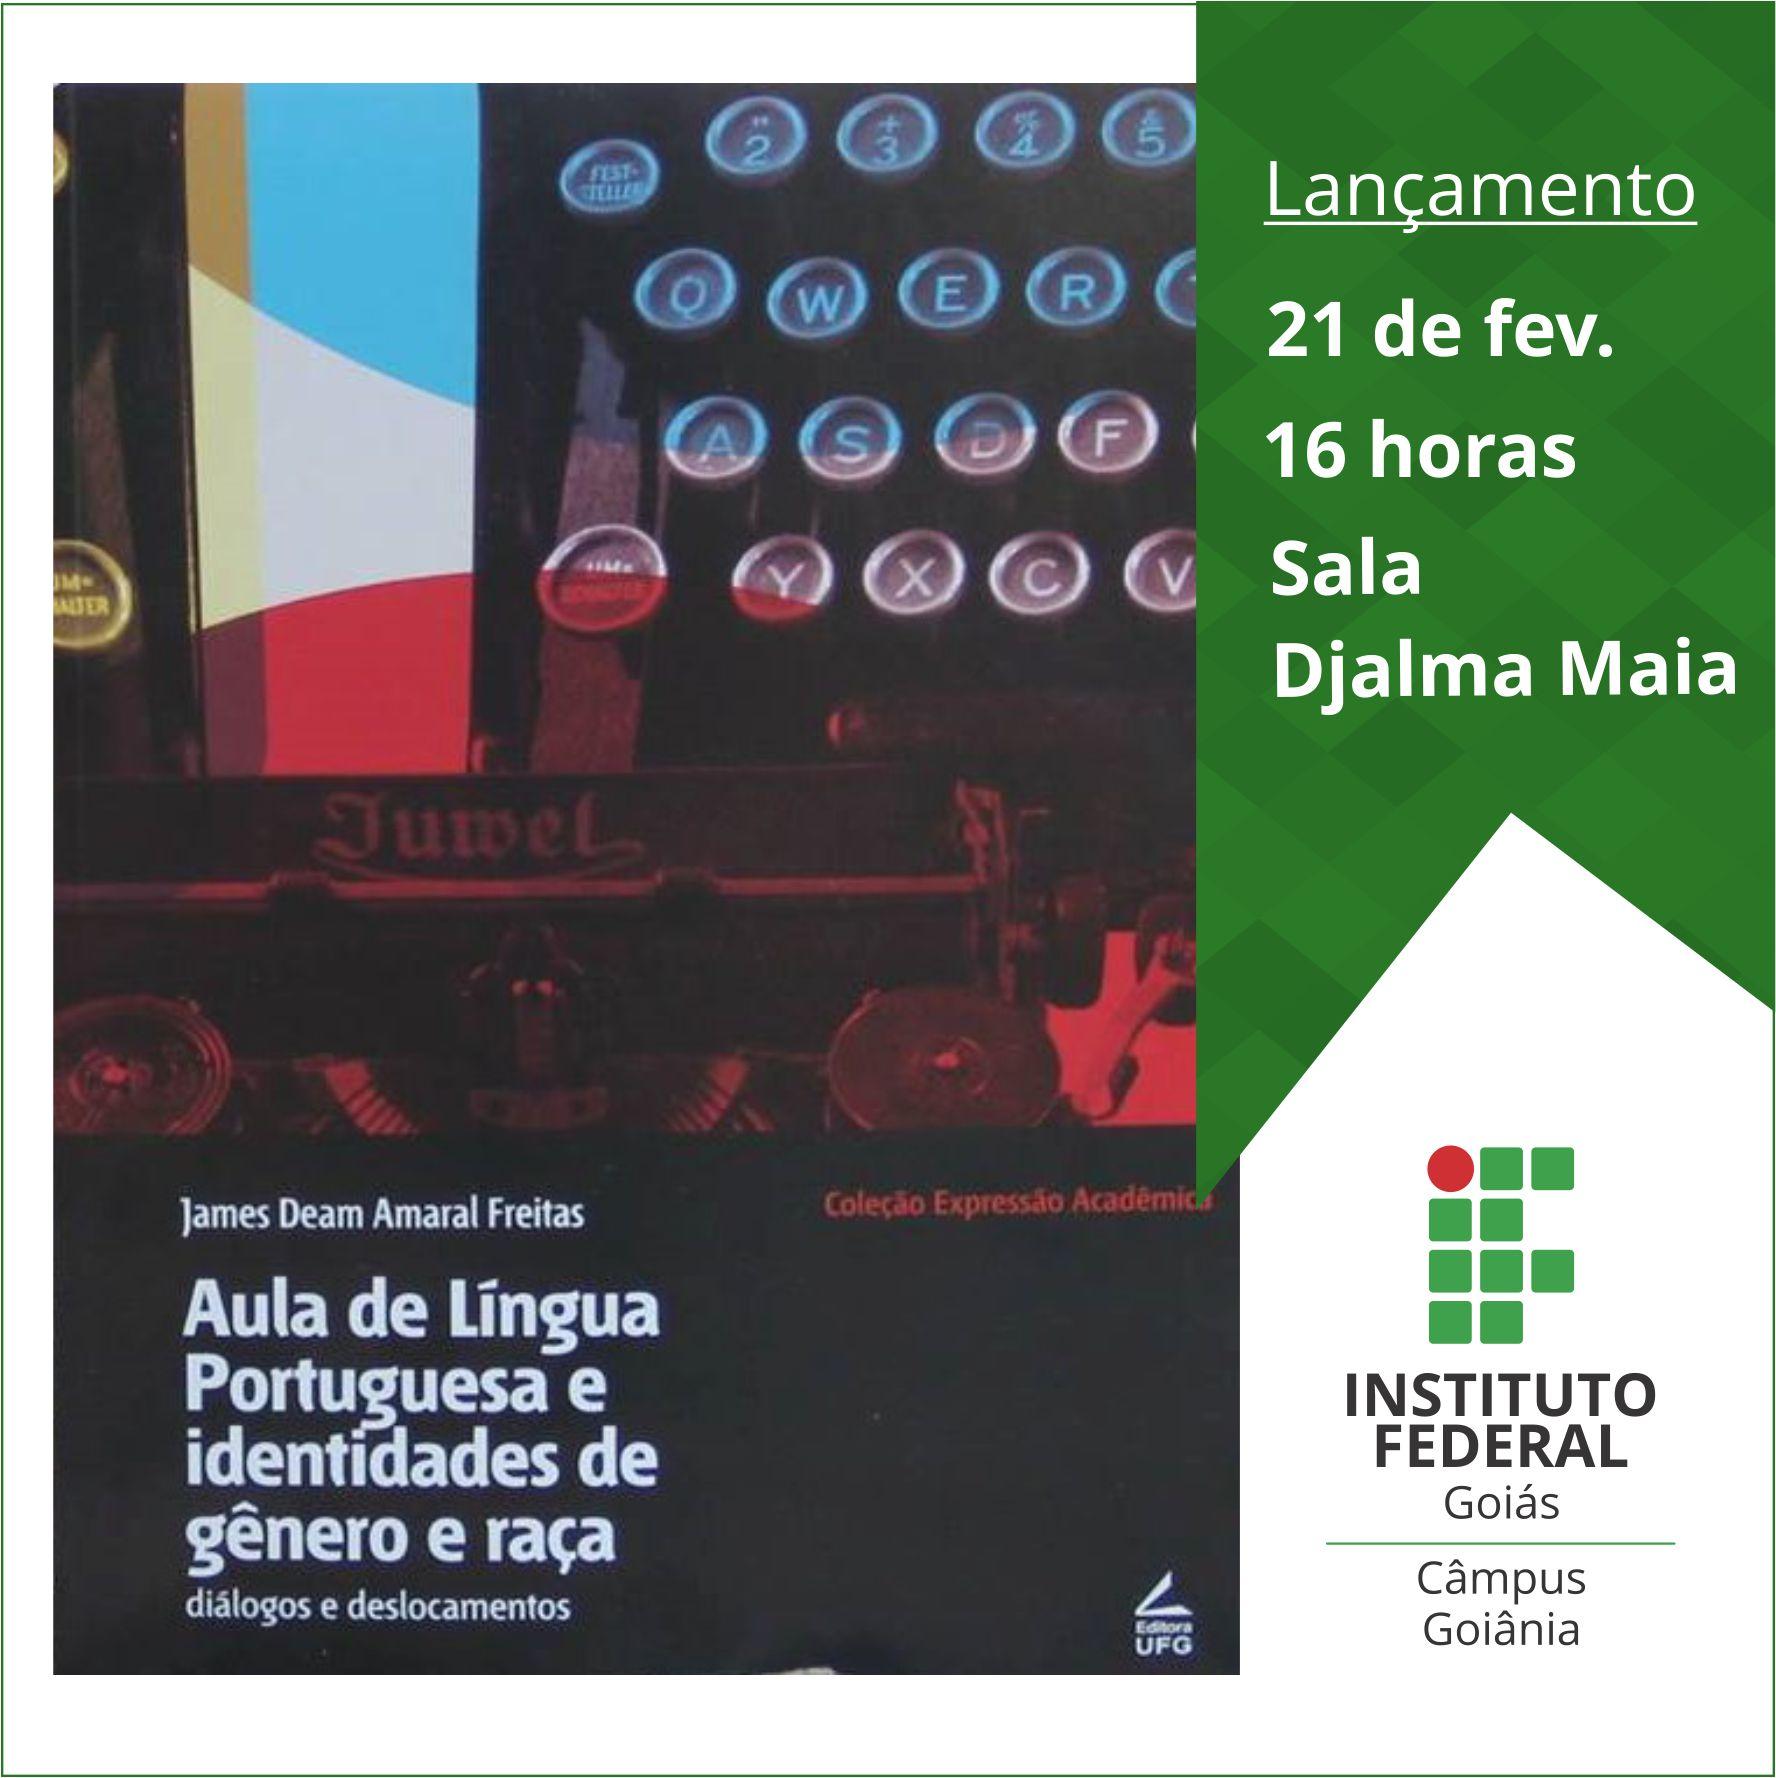 AULA DE LINGUA PORTUGUESA E IDENTIDADES DE GENERO E RACA: DIALOGOS E DESLOCAMENTOS